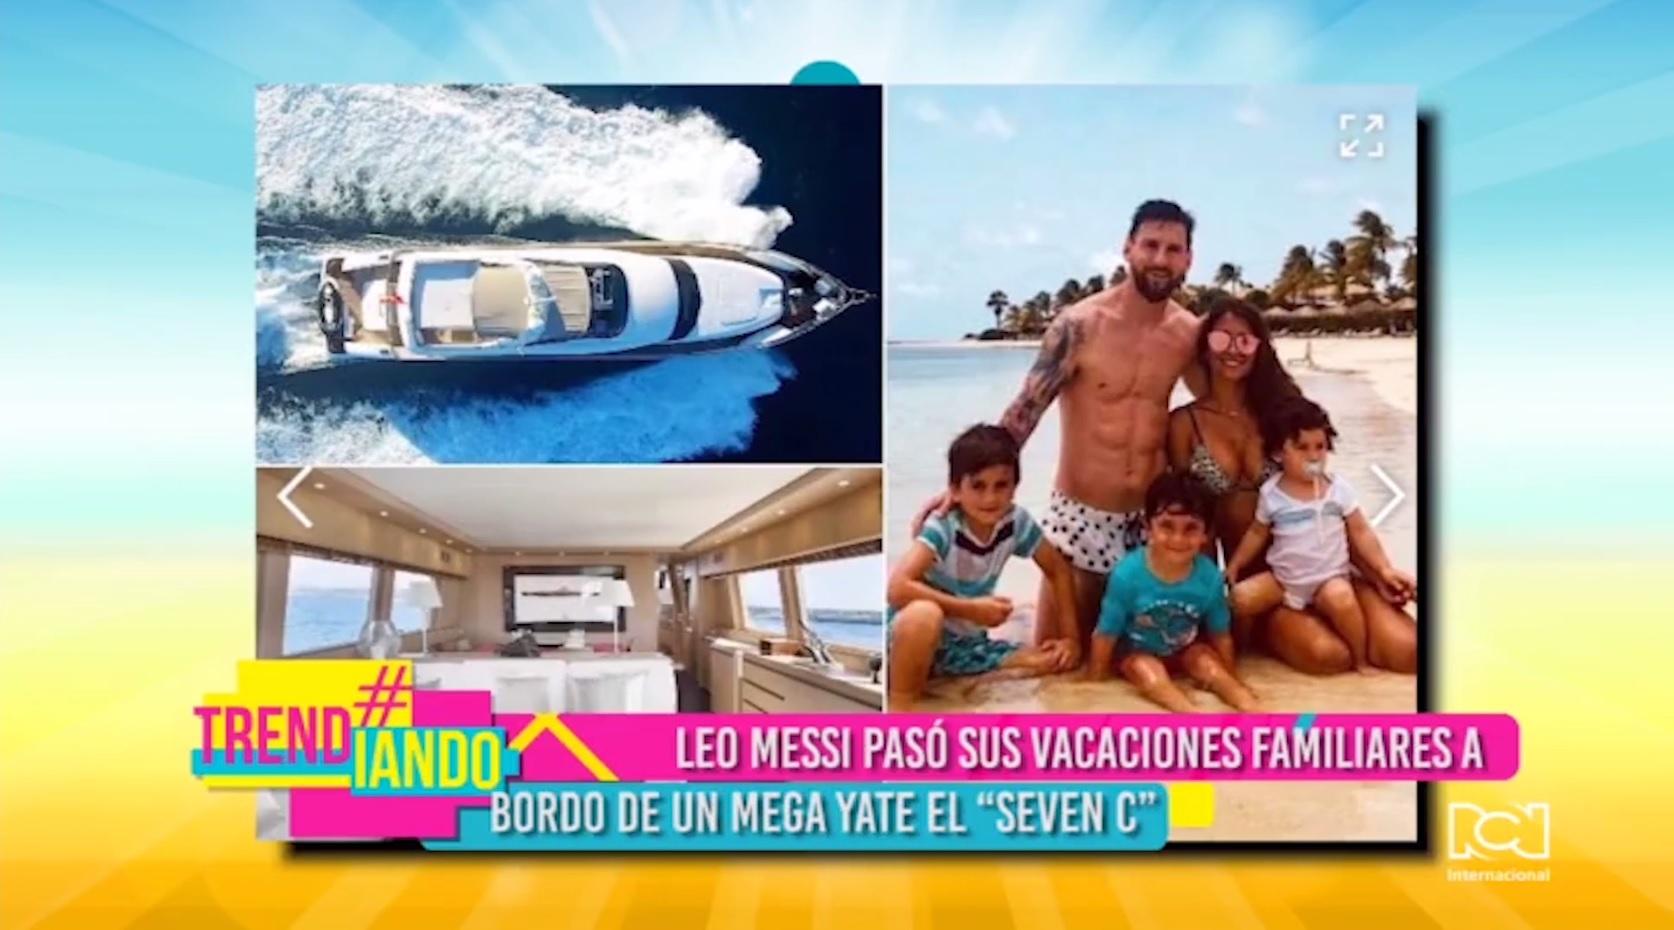 Yate de Leo Messi en vacaciones